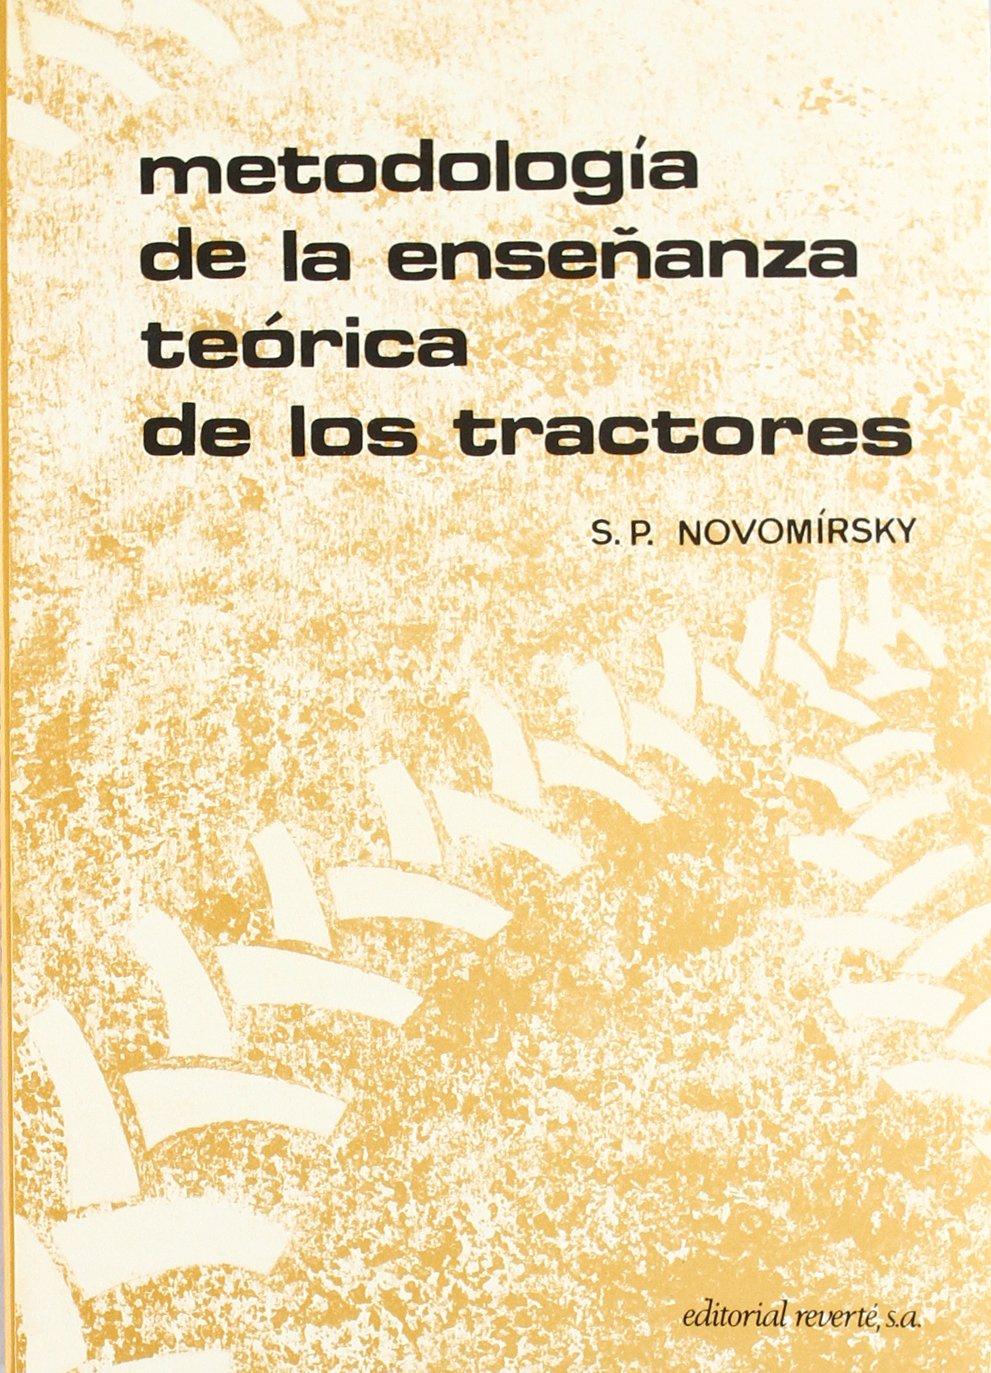 Enseñanza Y Metodología Teórica De Tractores: NOVOMIRSKY: 9788429148480: Amazon.com: Books